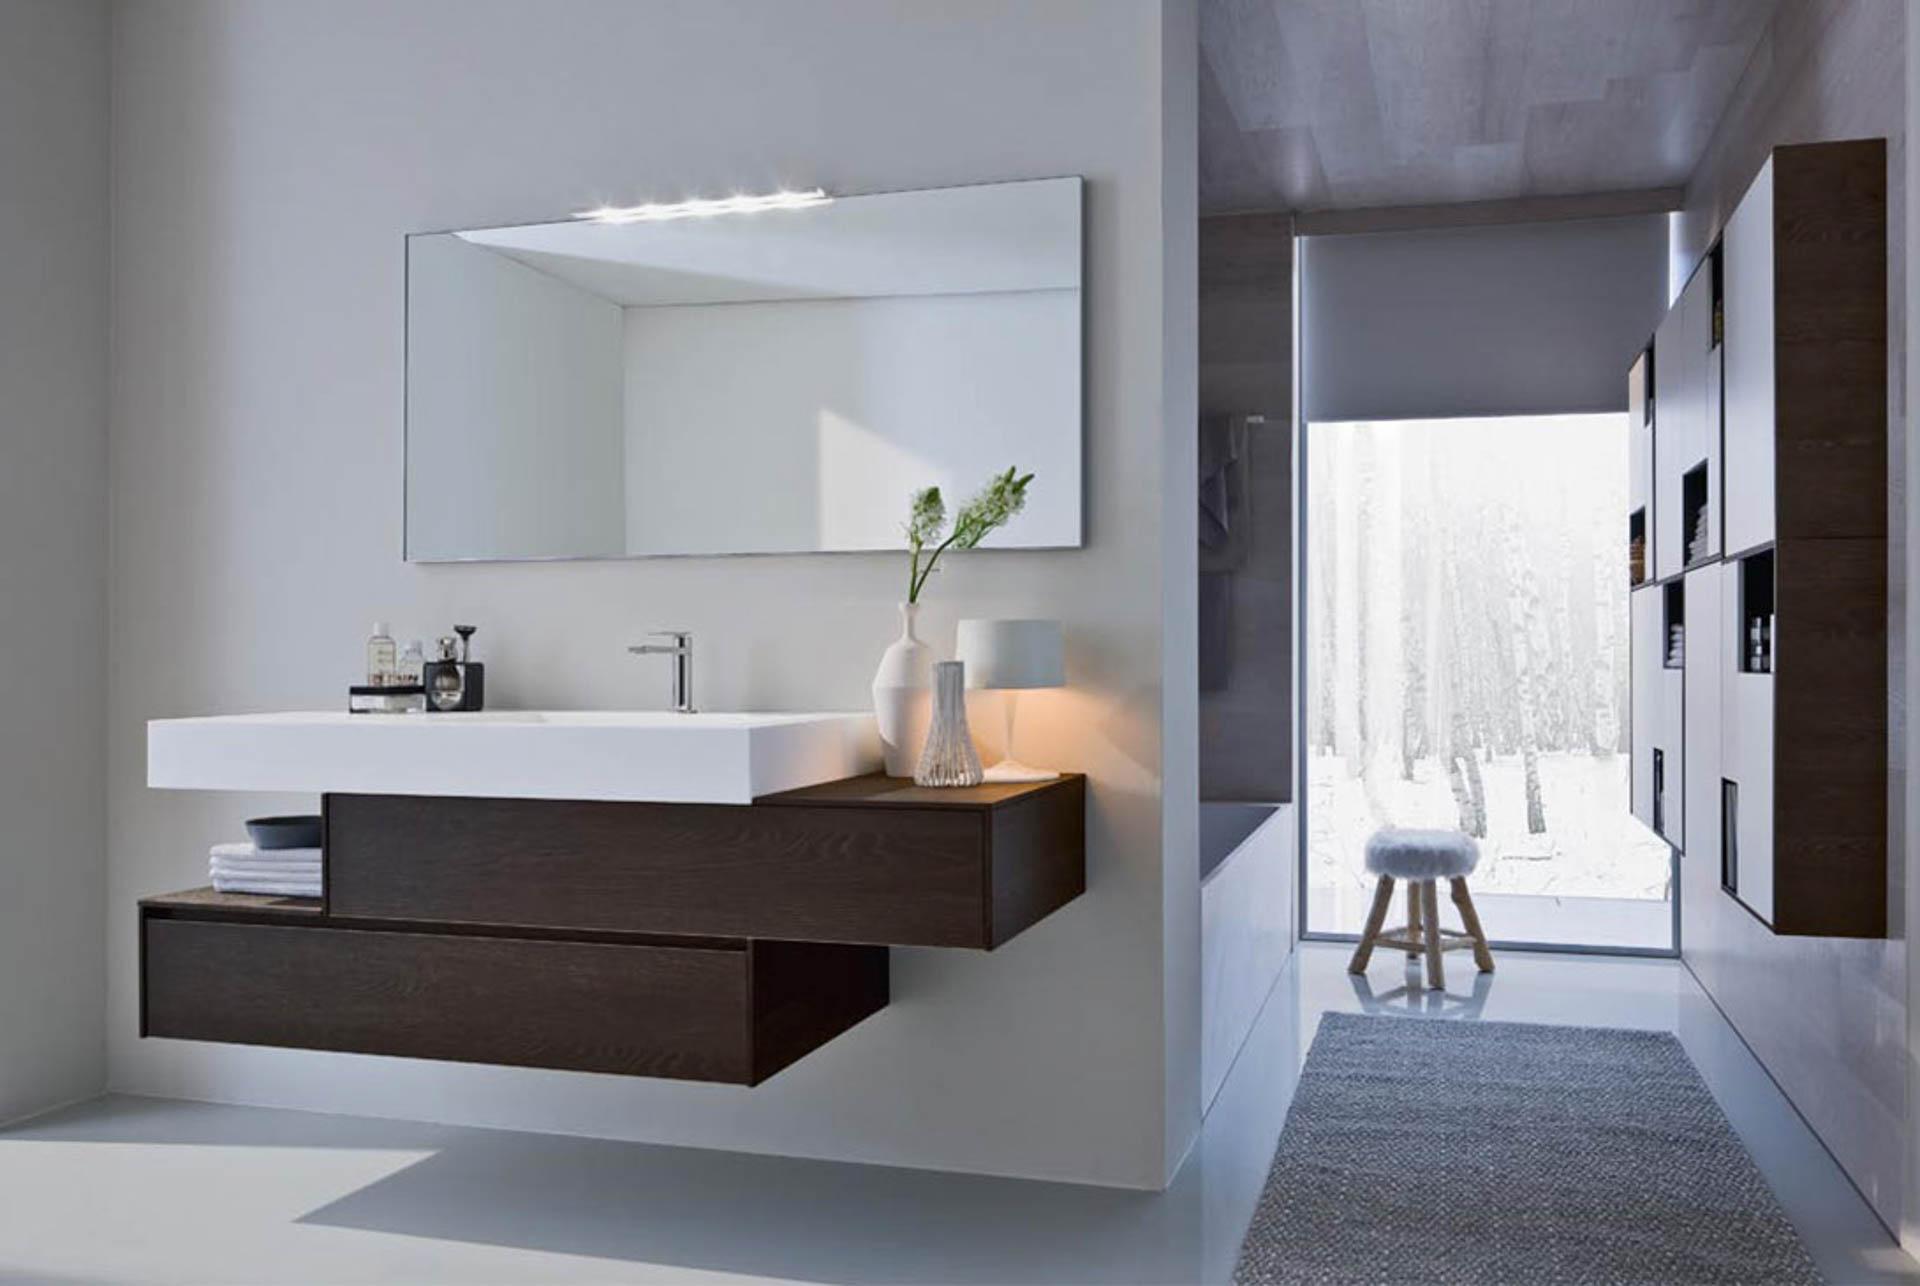 Nyu mobili bagno dall 39 eleganza senza tempo orsolini - Mobili del bagno ...